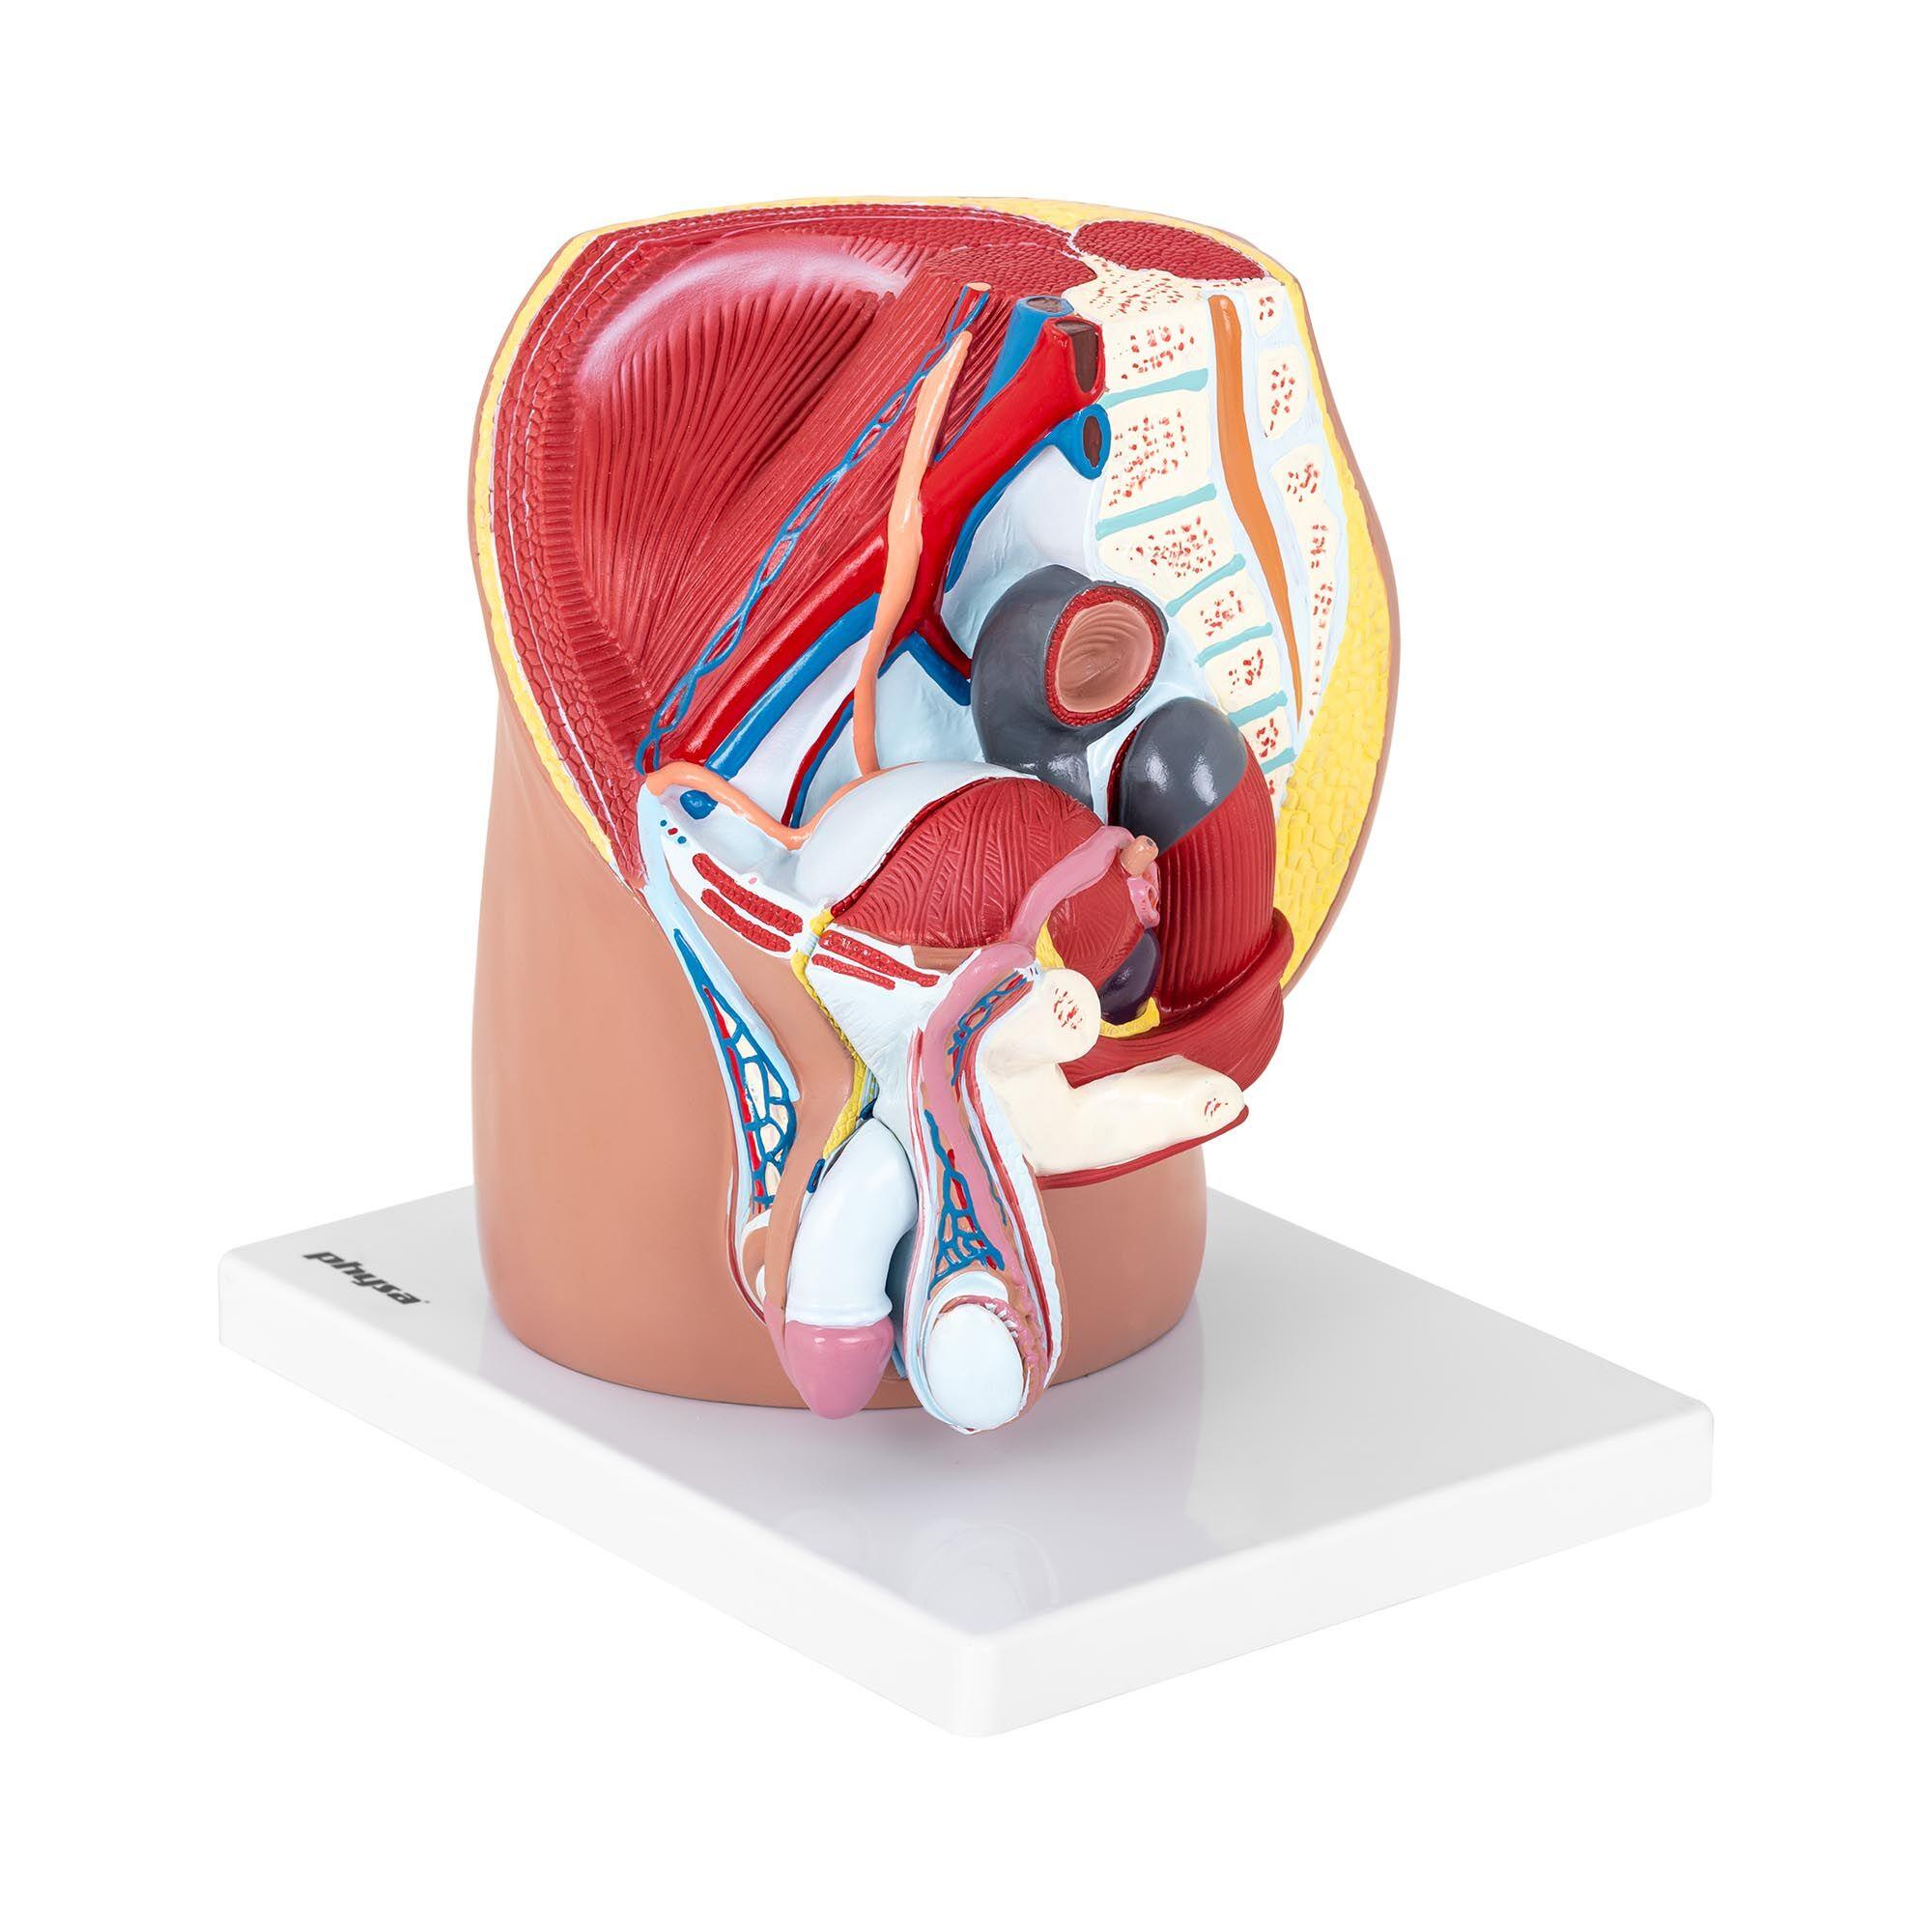 physa Maquette anatomique bassin et appareil génital masculin - En 4 parties - Grandeur nature PHY-MP-1